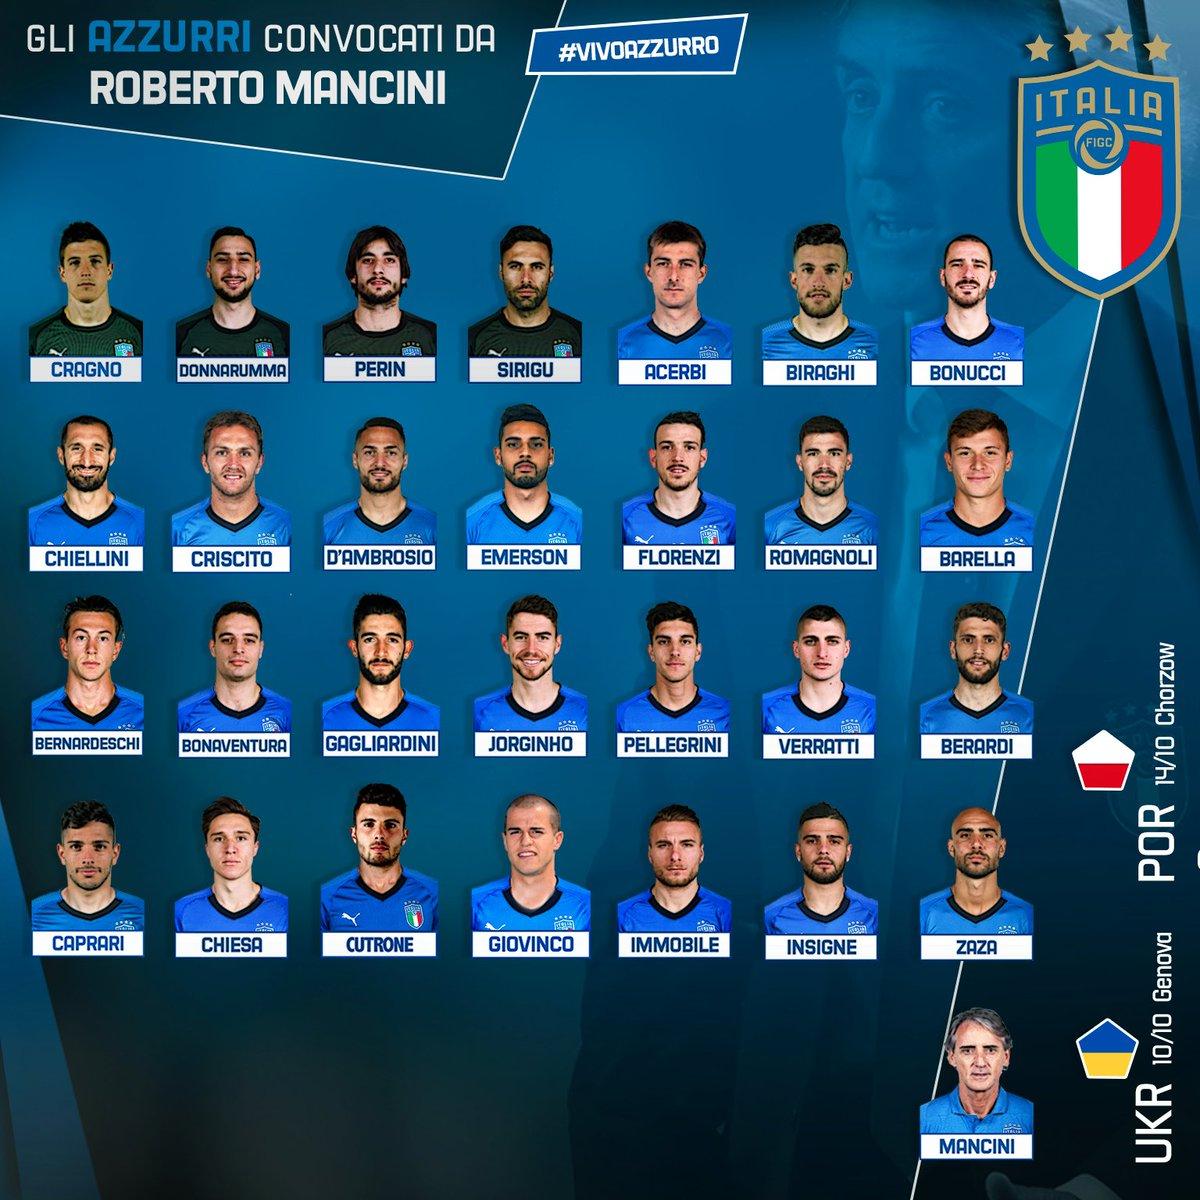 Nụ cười của Bonucci không thể xóa đi căng thẳng tại Italia - Bóng Đá